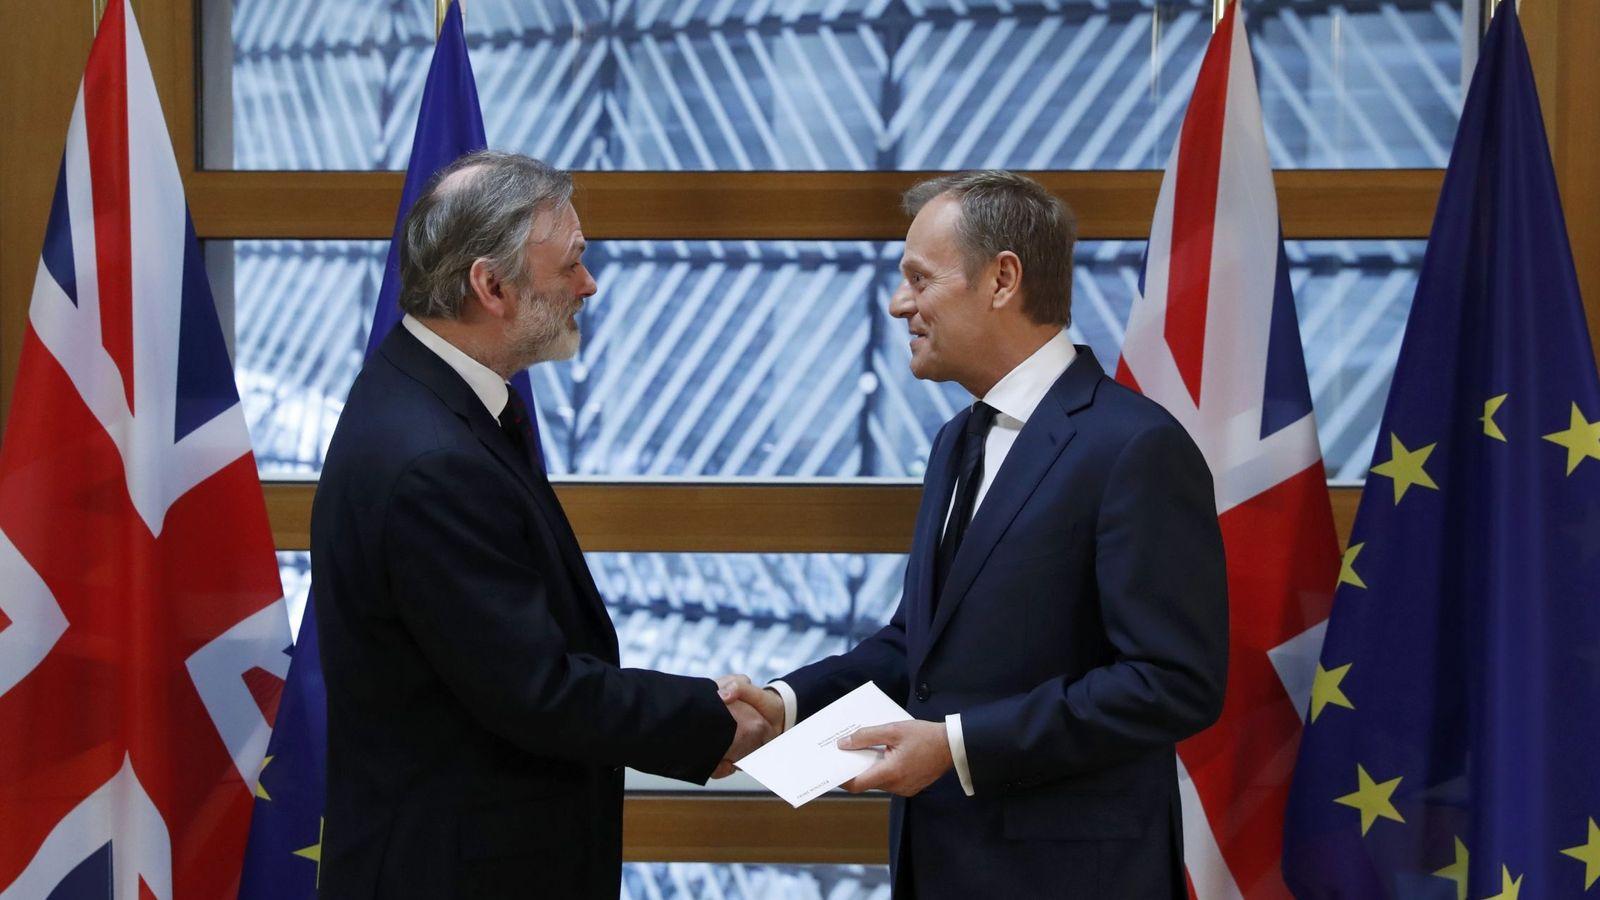 Foto: Tim Barrow entrega la carta del Brexit al presidente del Consejo Europeo, Donald Tusk, en Bruselas, el 29 de marzo de 2016. (Reuters)